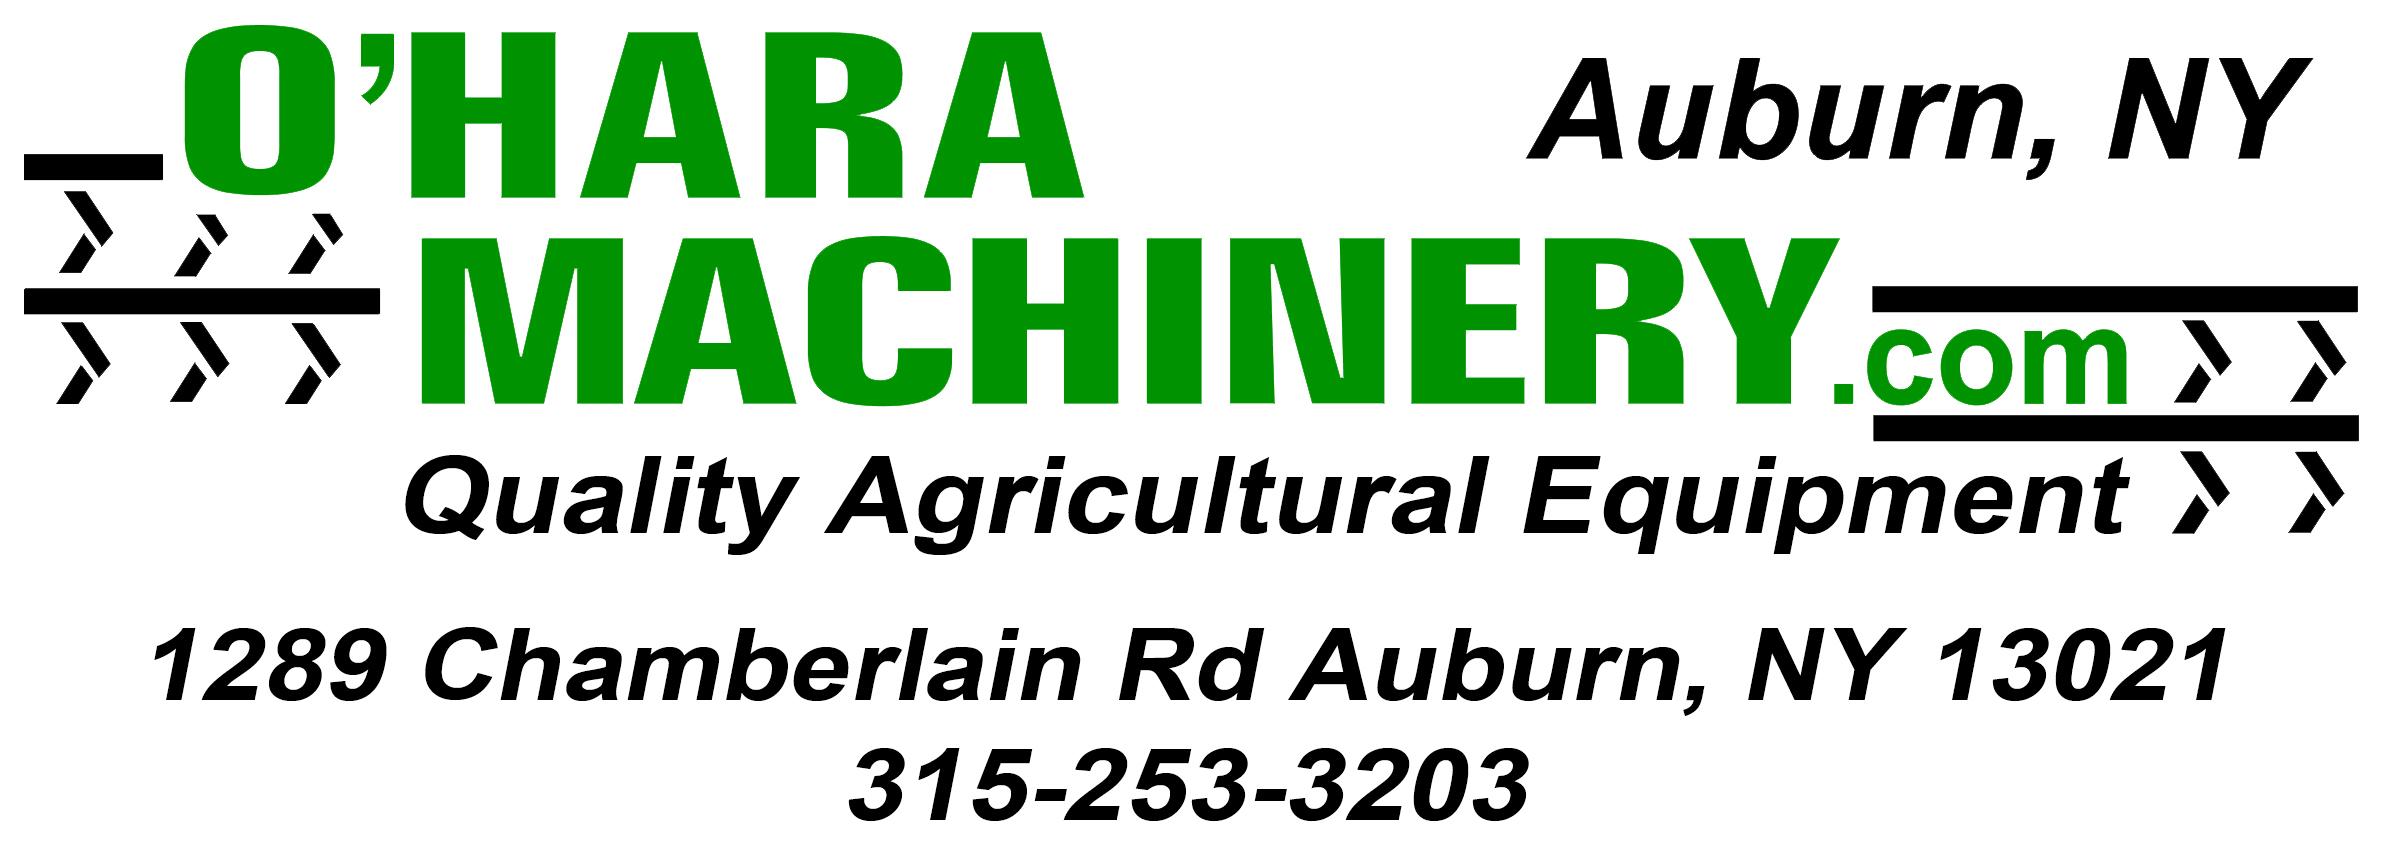 O'Hara Machinery.jpg